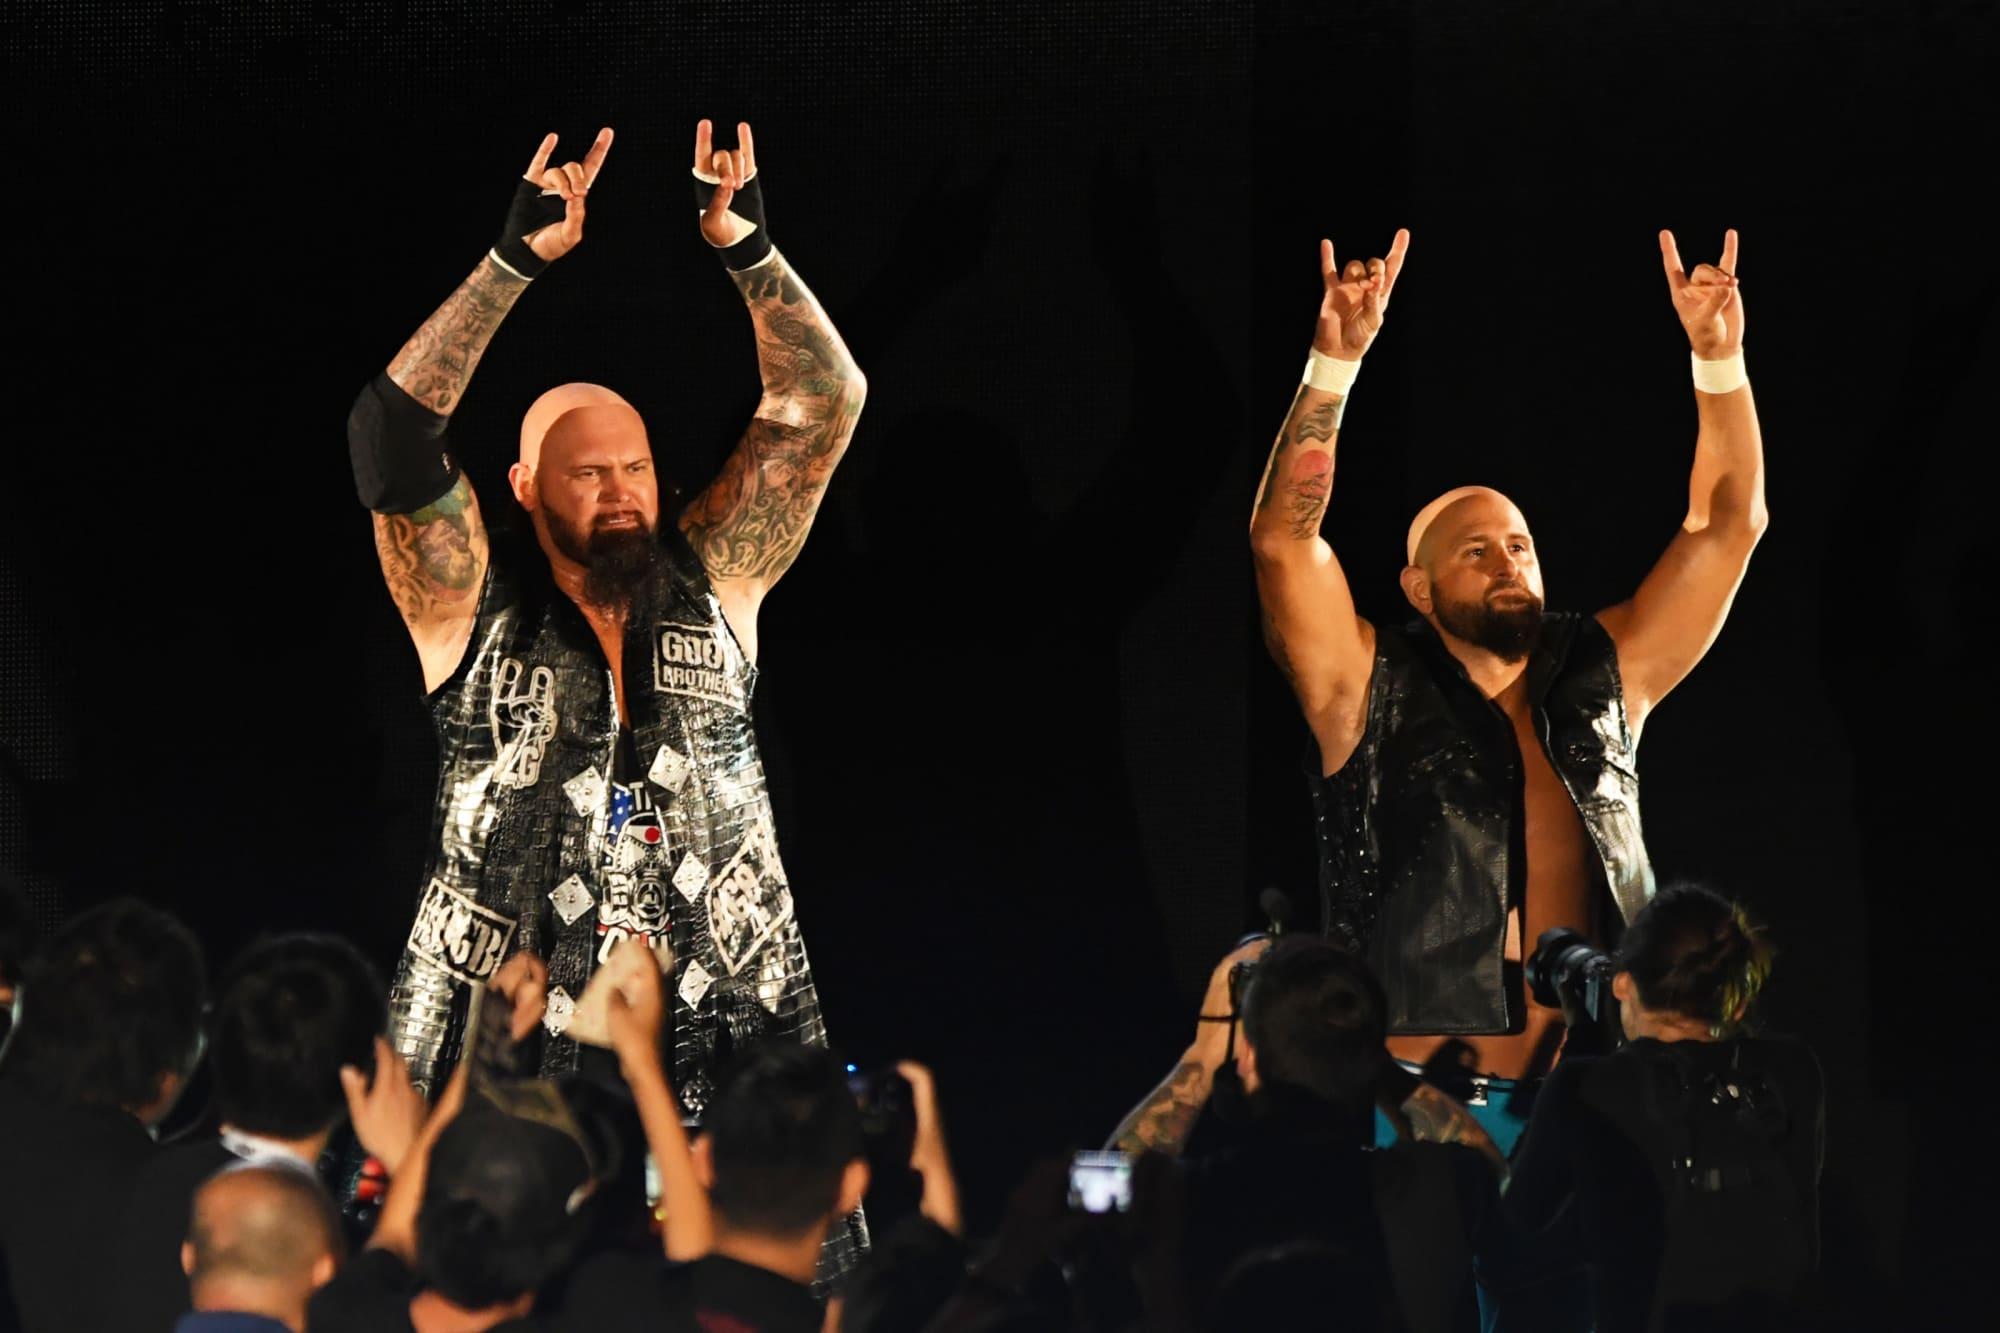 कार्ल एंडरसन ने Good Brothers के NJPW के बुलेट क्लब में शामिल होने पर टिप्पणी की।